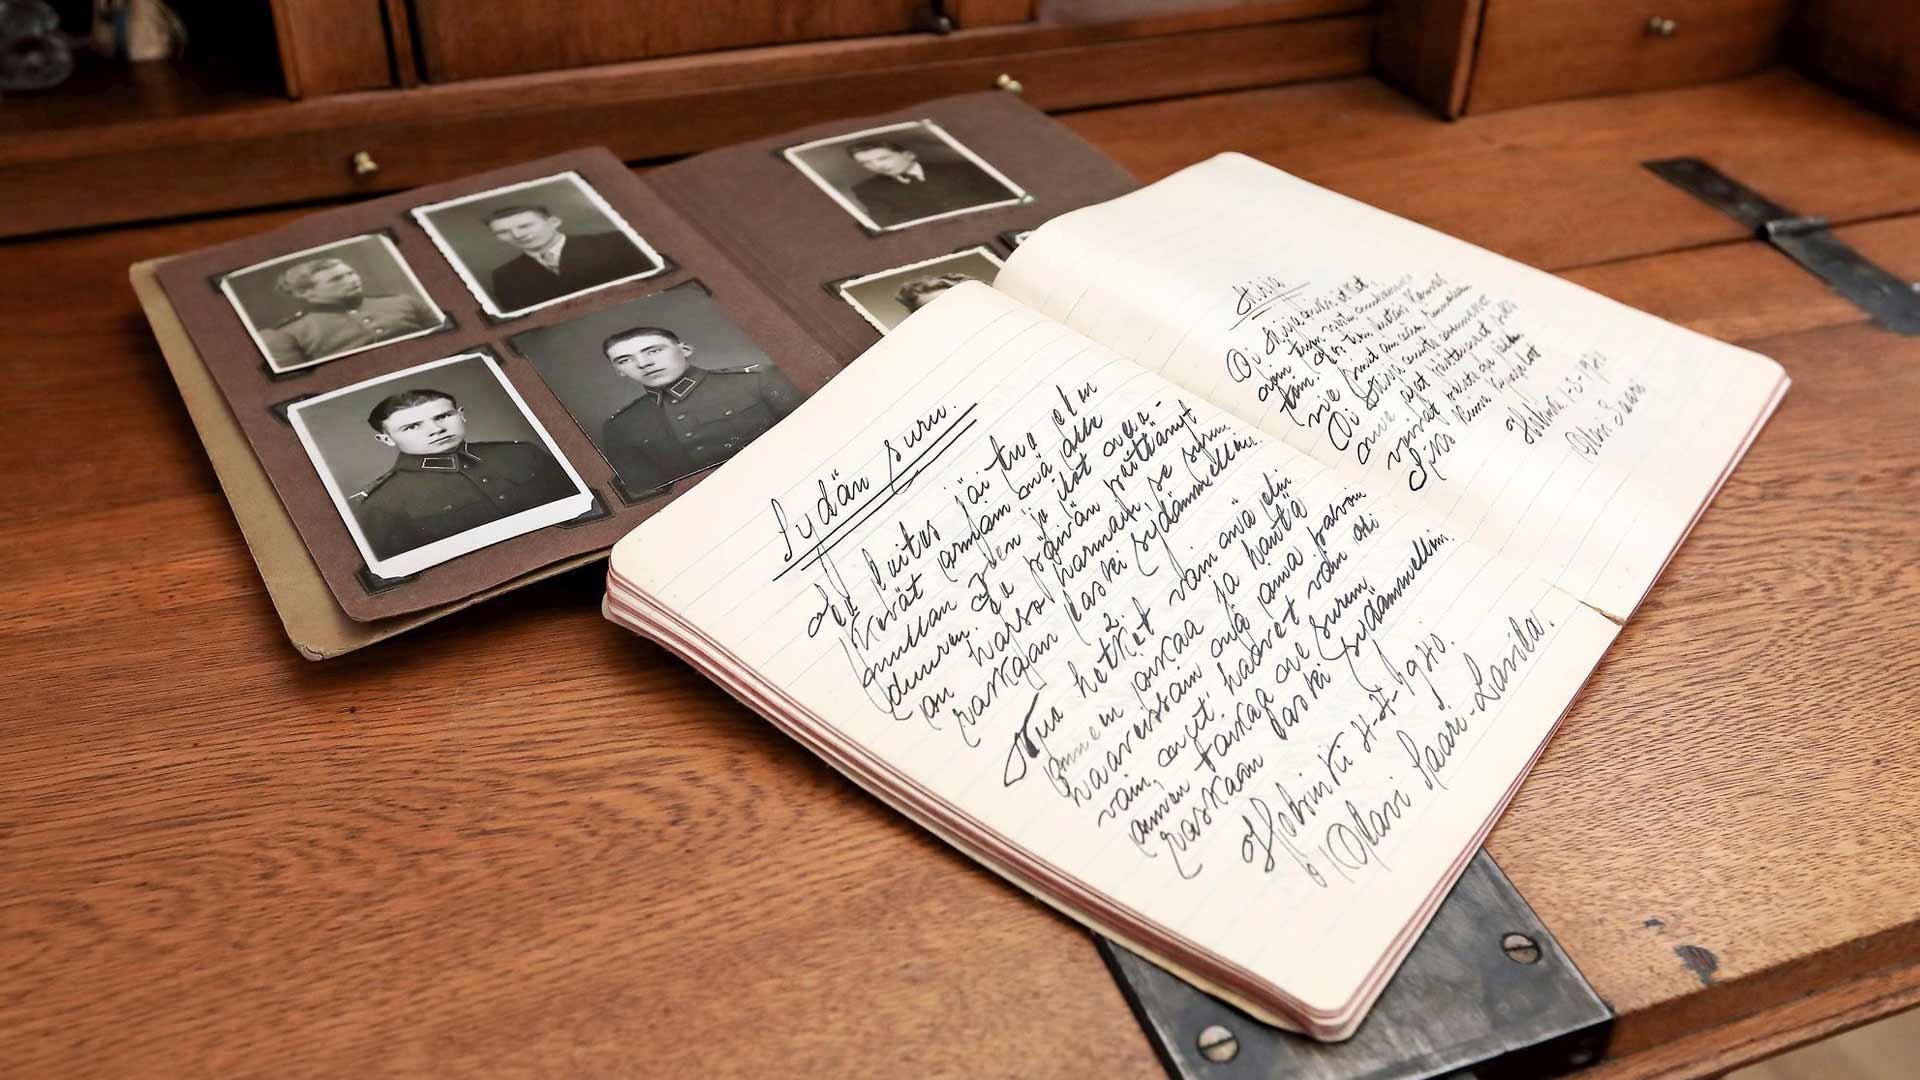 Kirjoja varten Sirpa tutki vanhoja valokuvia, kirjeitä ja papereita.